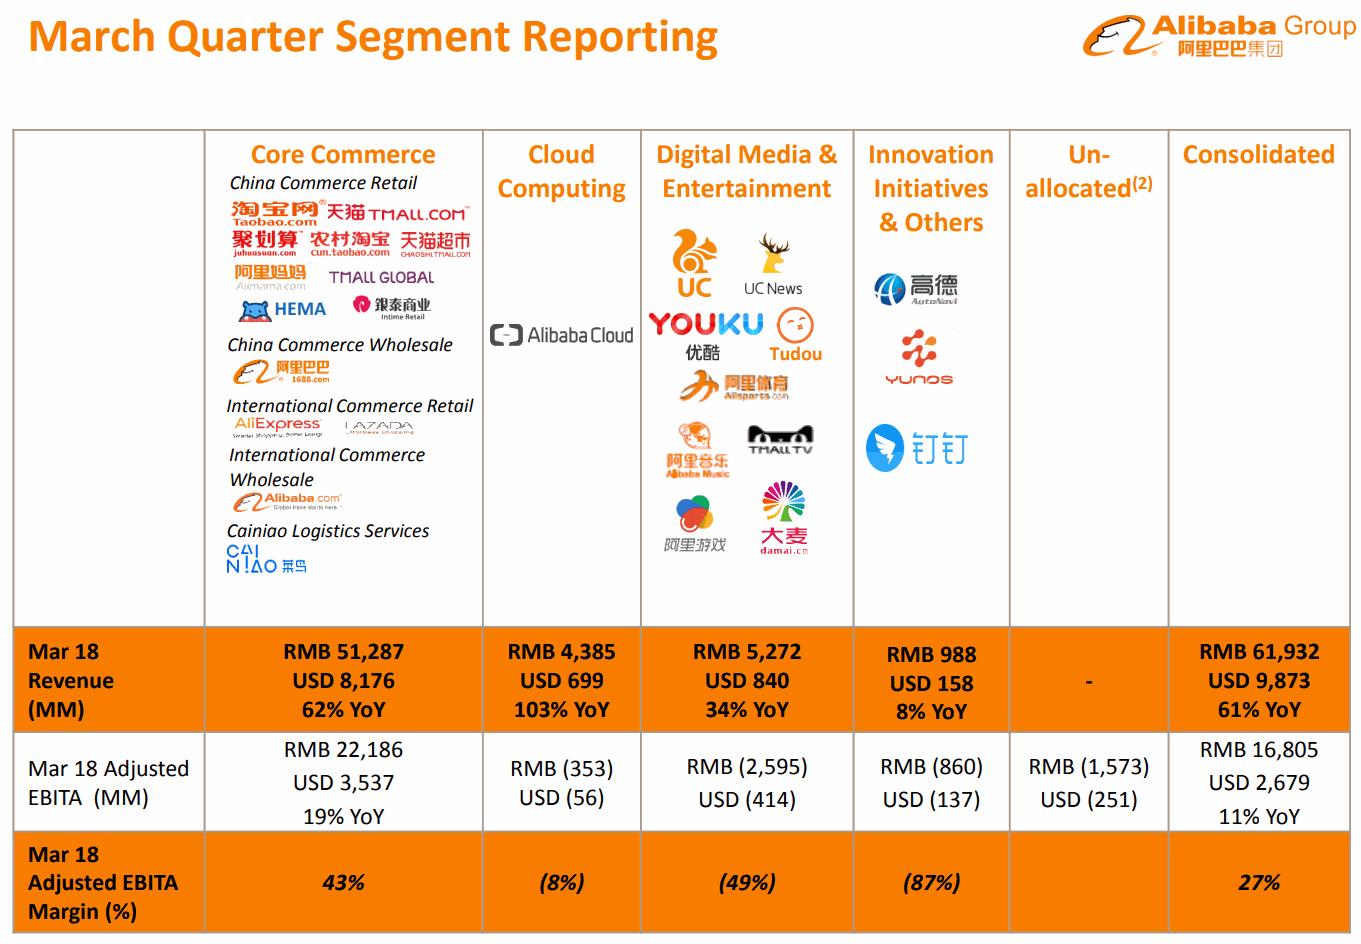 2018Q1-Segment-Reporting-Alibaba